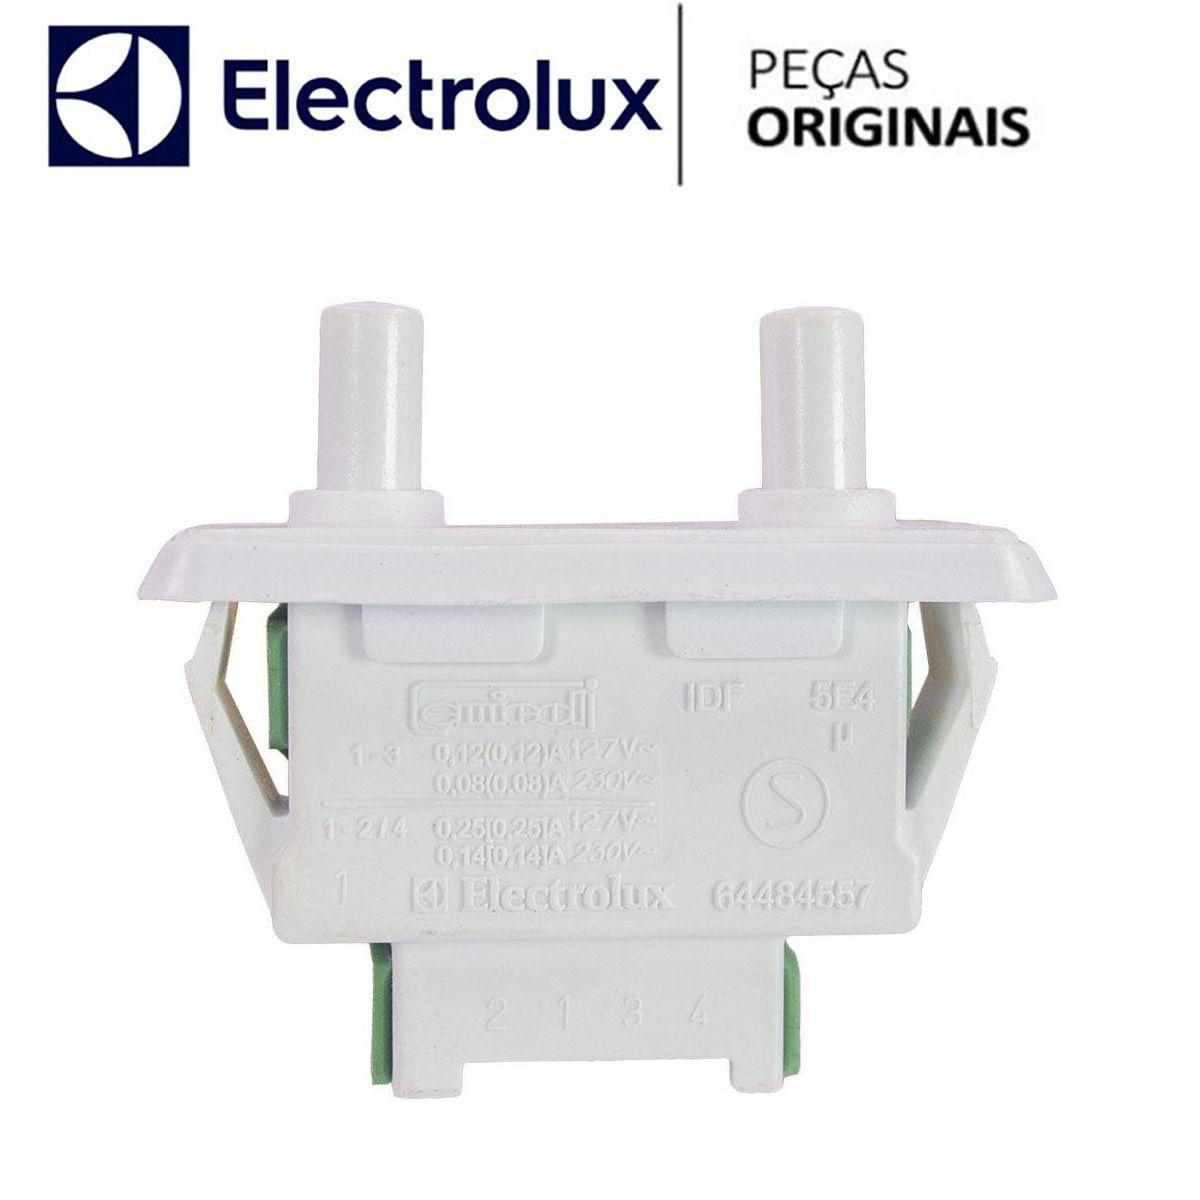 Interruptor Duplo Refrigerador Electrolux 64484457